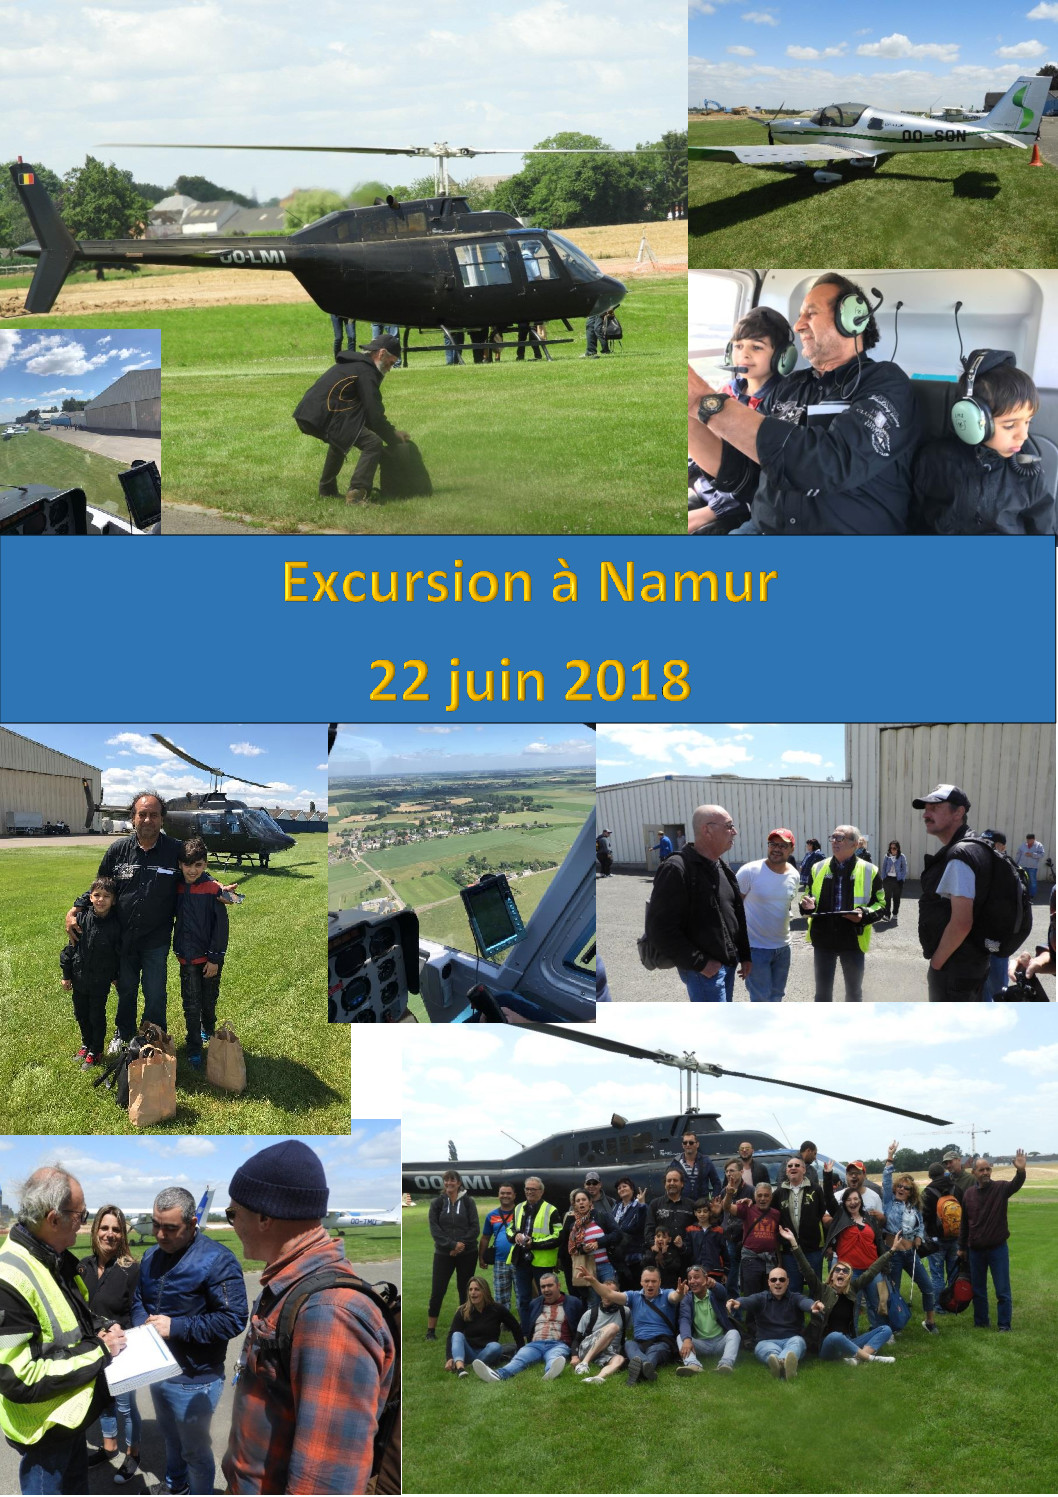 Stëmm à la découverte du ciel de Namur : «Une journée formidable et inoubliable»